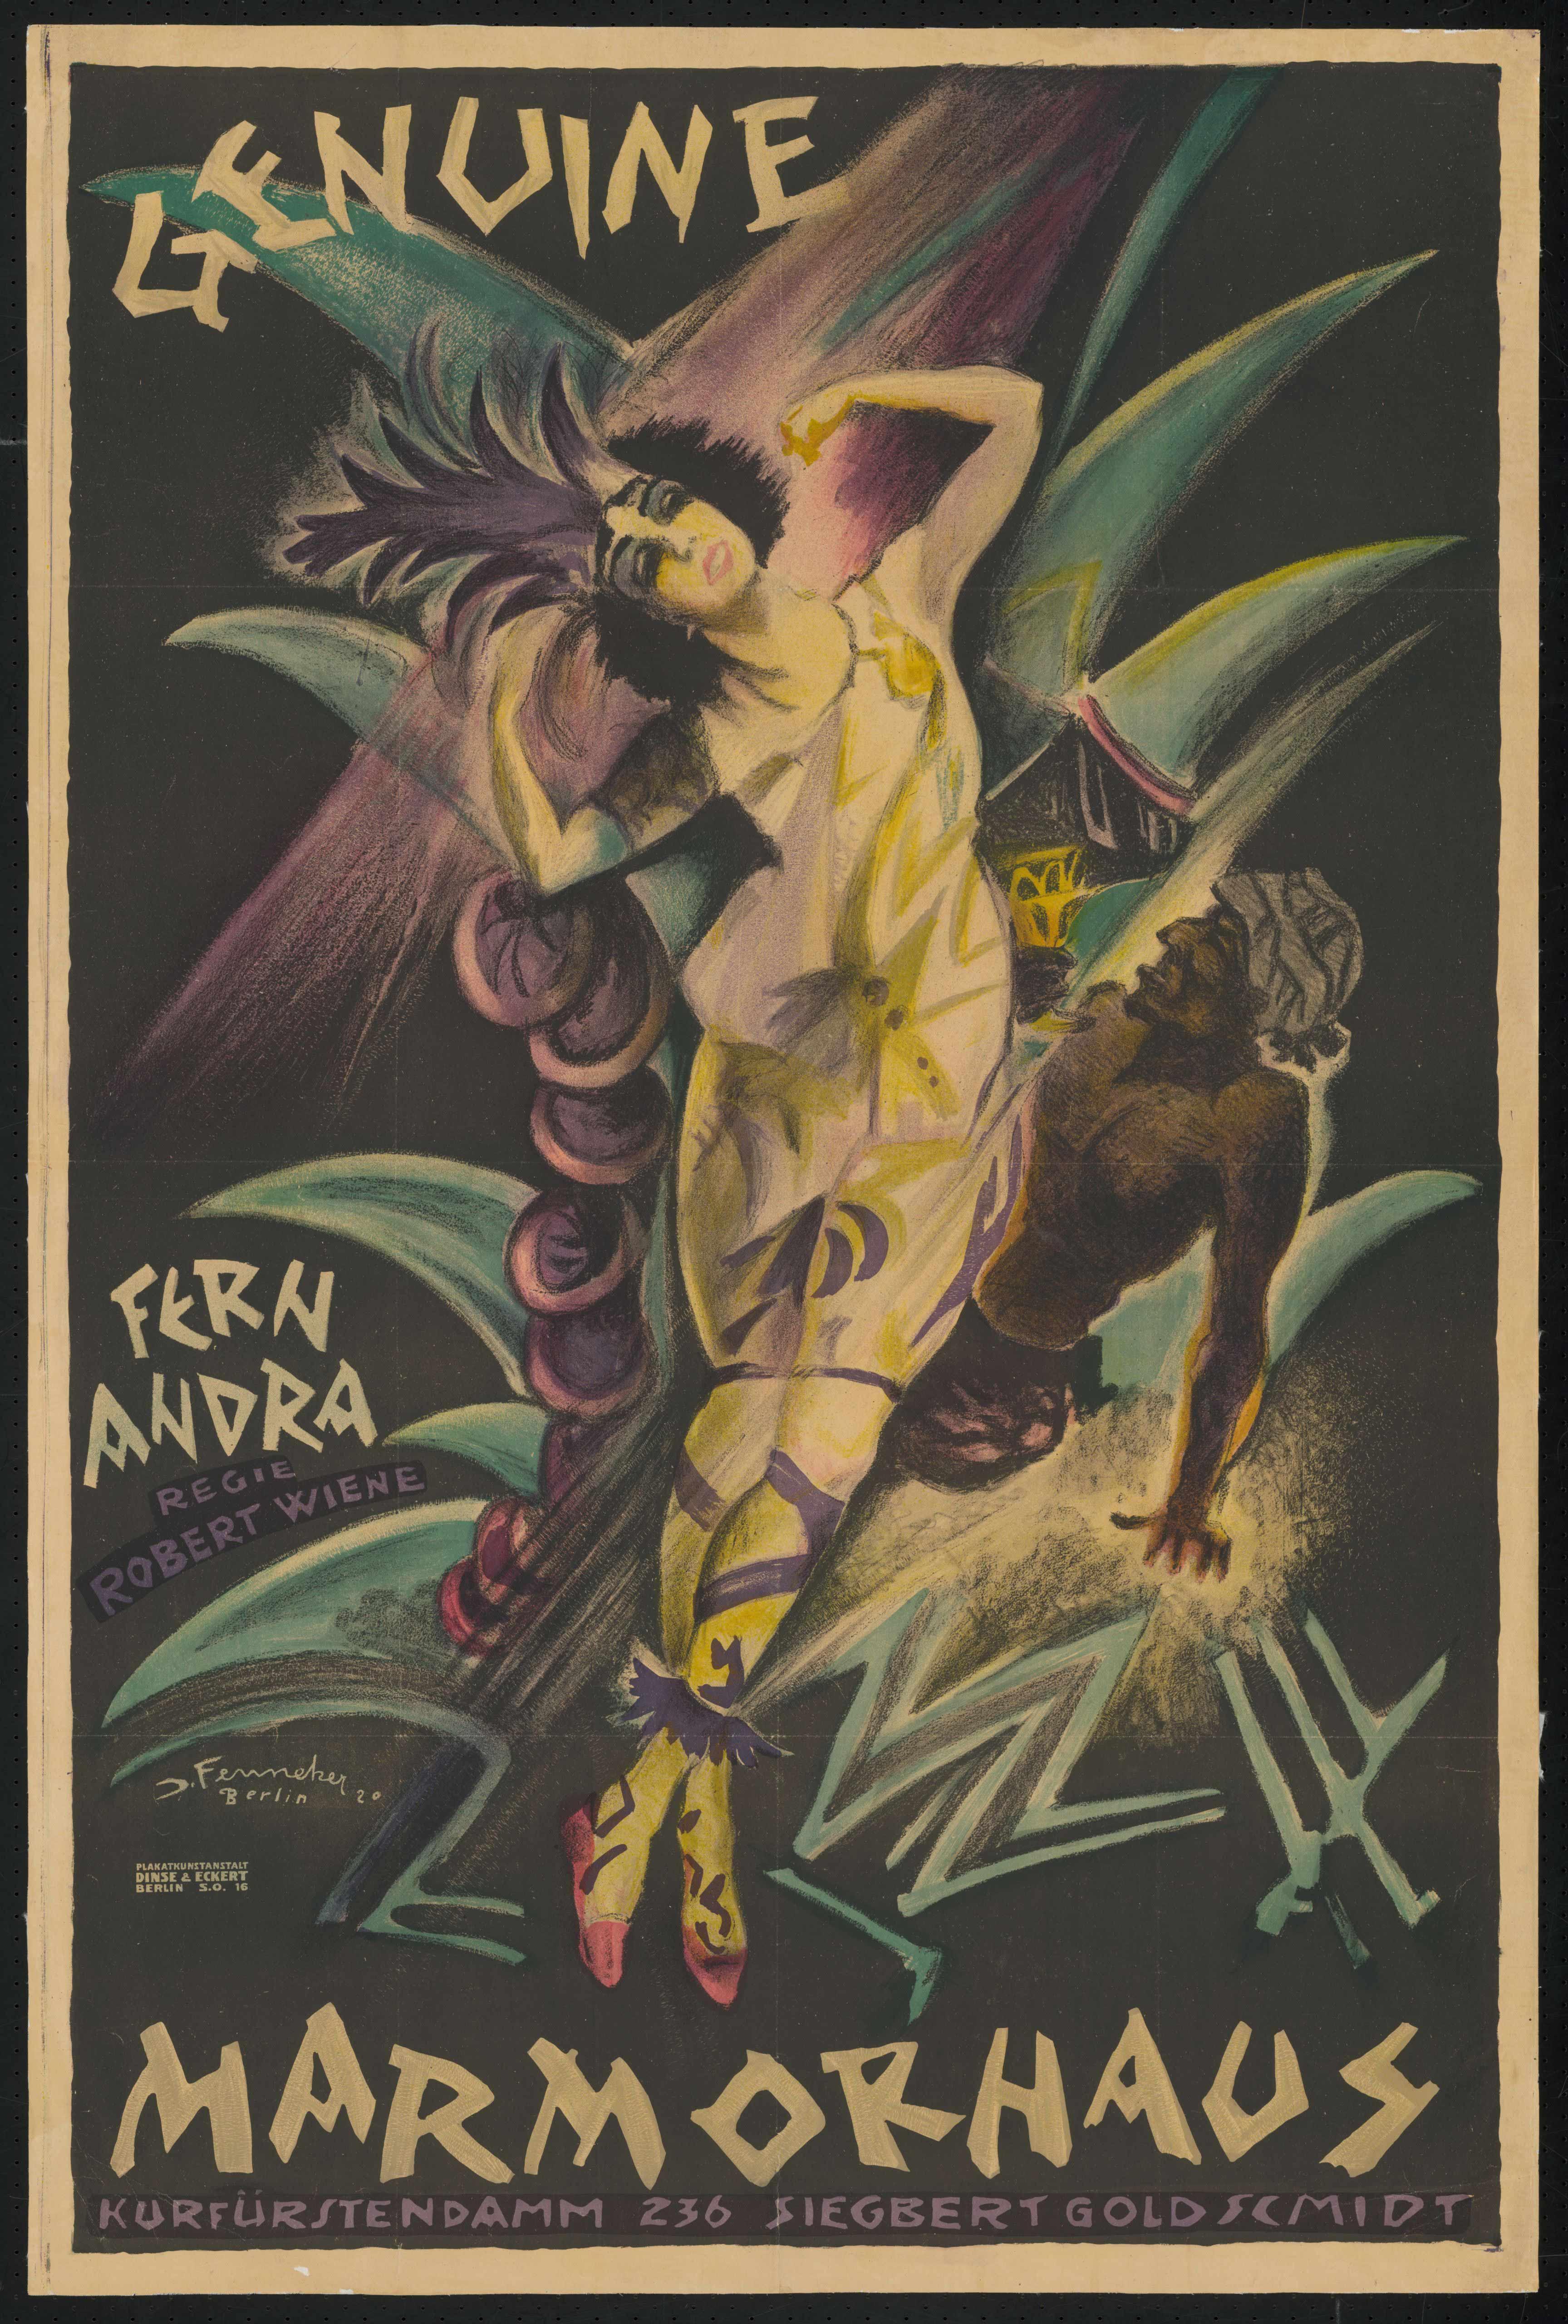 Plakat zu dem Film Genuine, Deutschland 1920, Regie: Robert Wiene, von Plakatkünstler Josef Fenneker